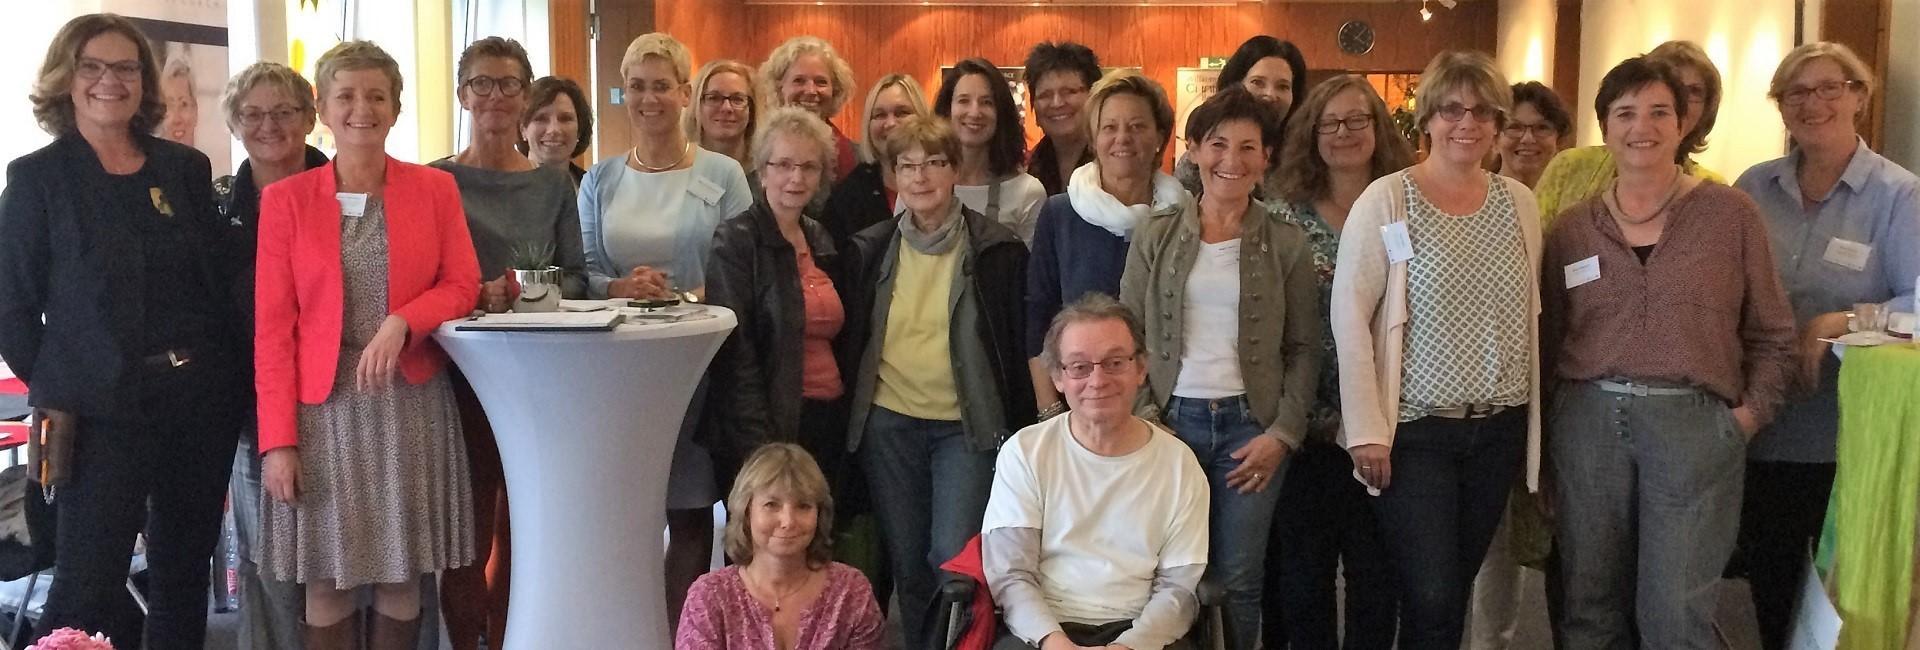 Unternehmerinnen-Messe im Rathaus Langenfeld